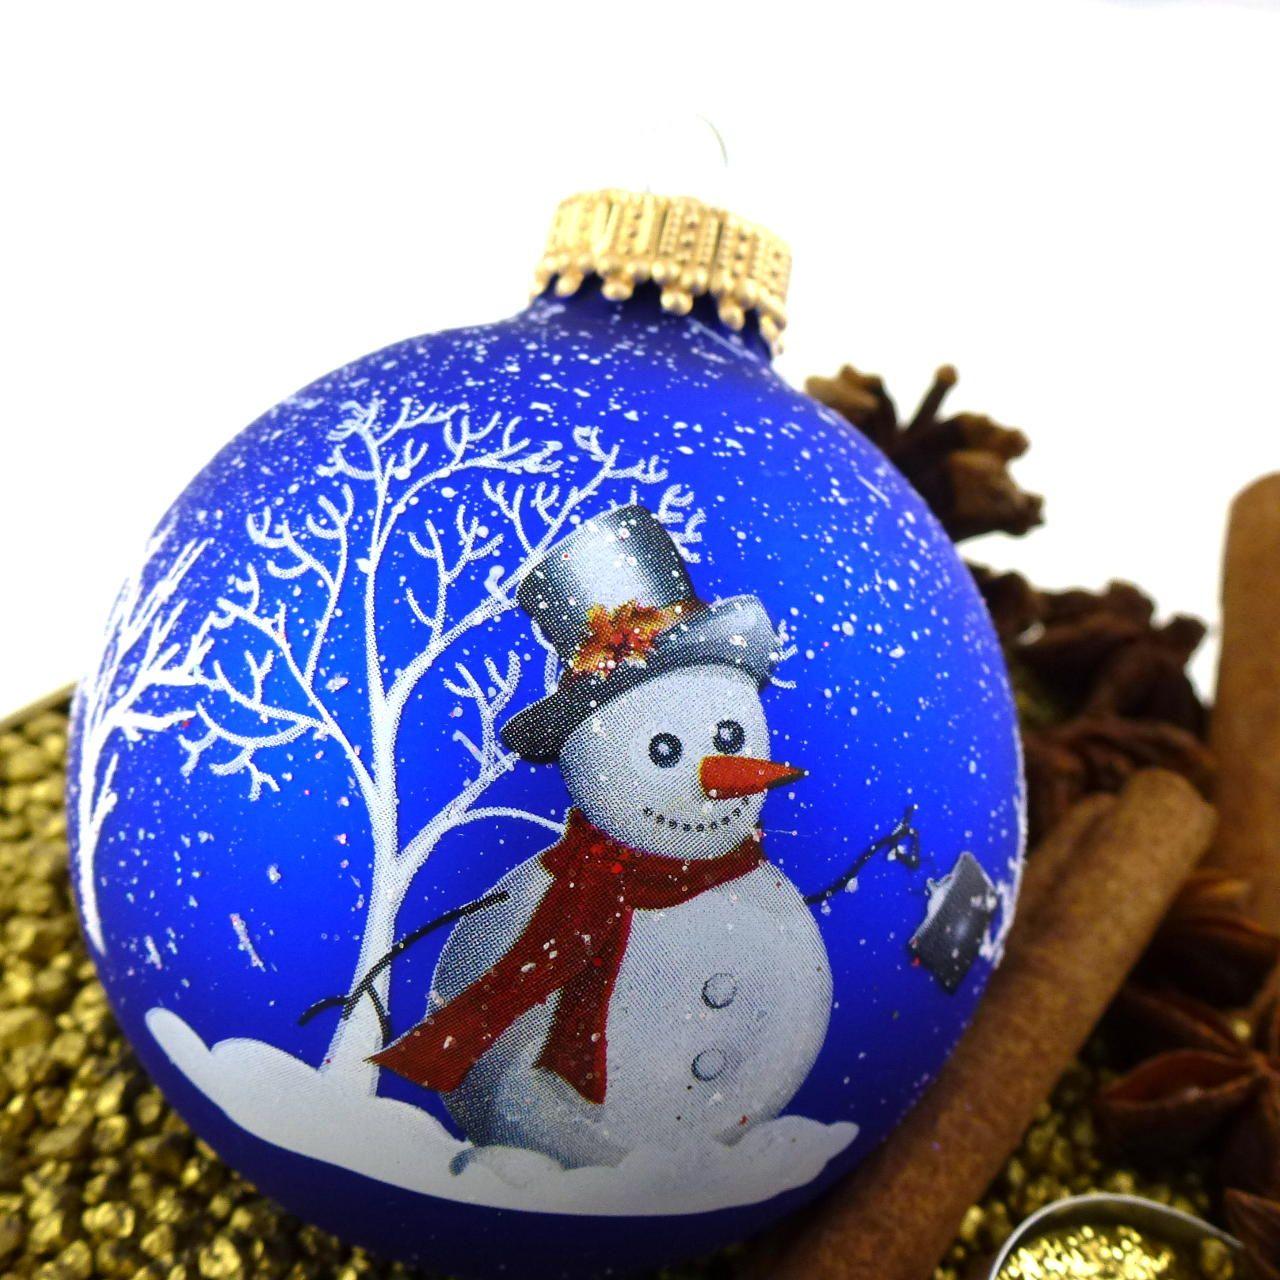 Lauschaer Weihnachtskugeln.Lauscha Weihnachtskugeln Weihnachtskugeln Weihnachtskugeln